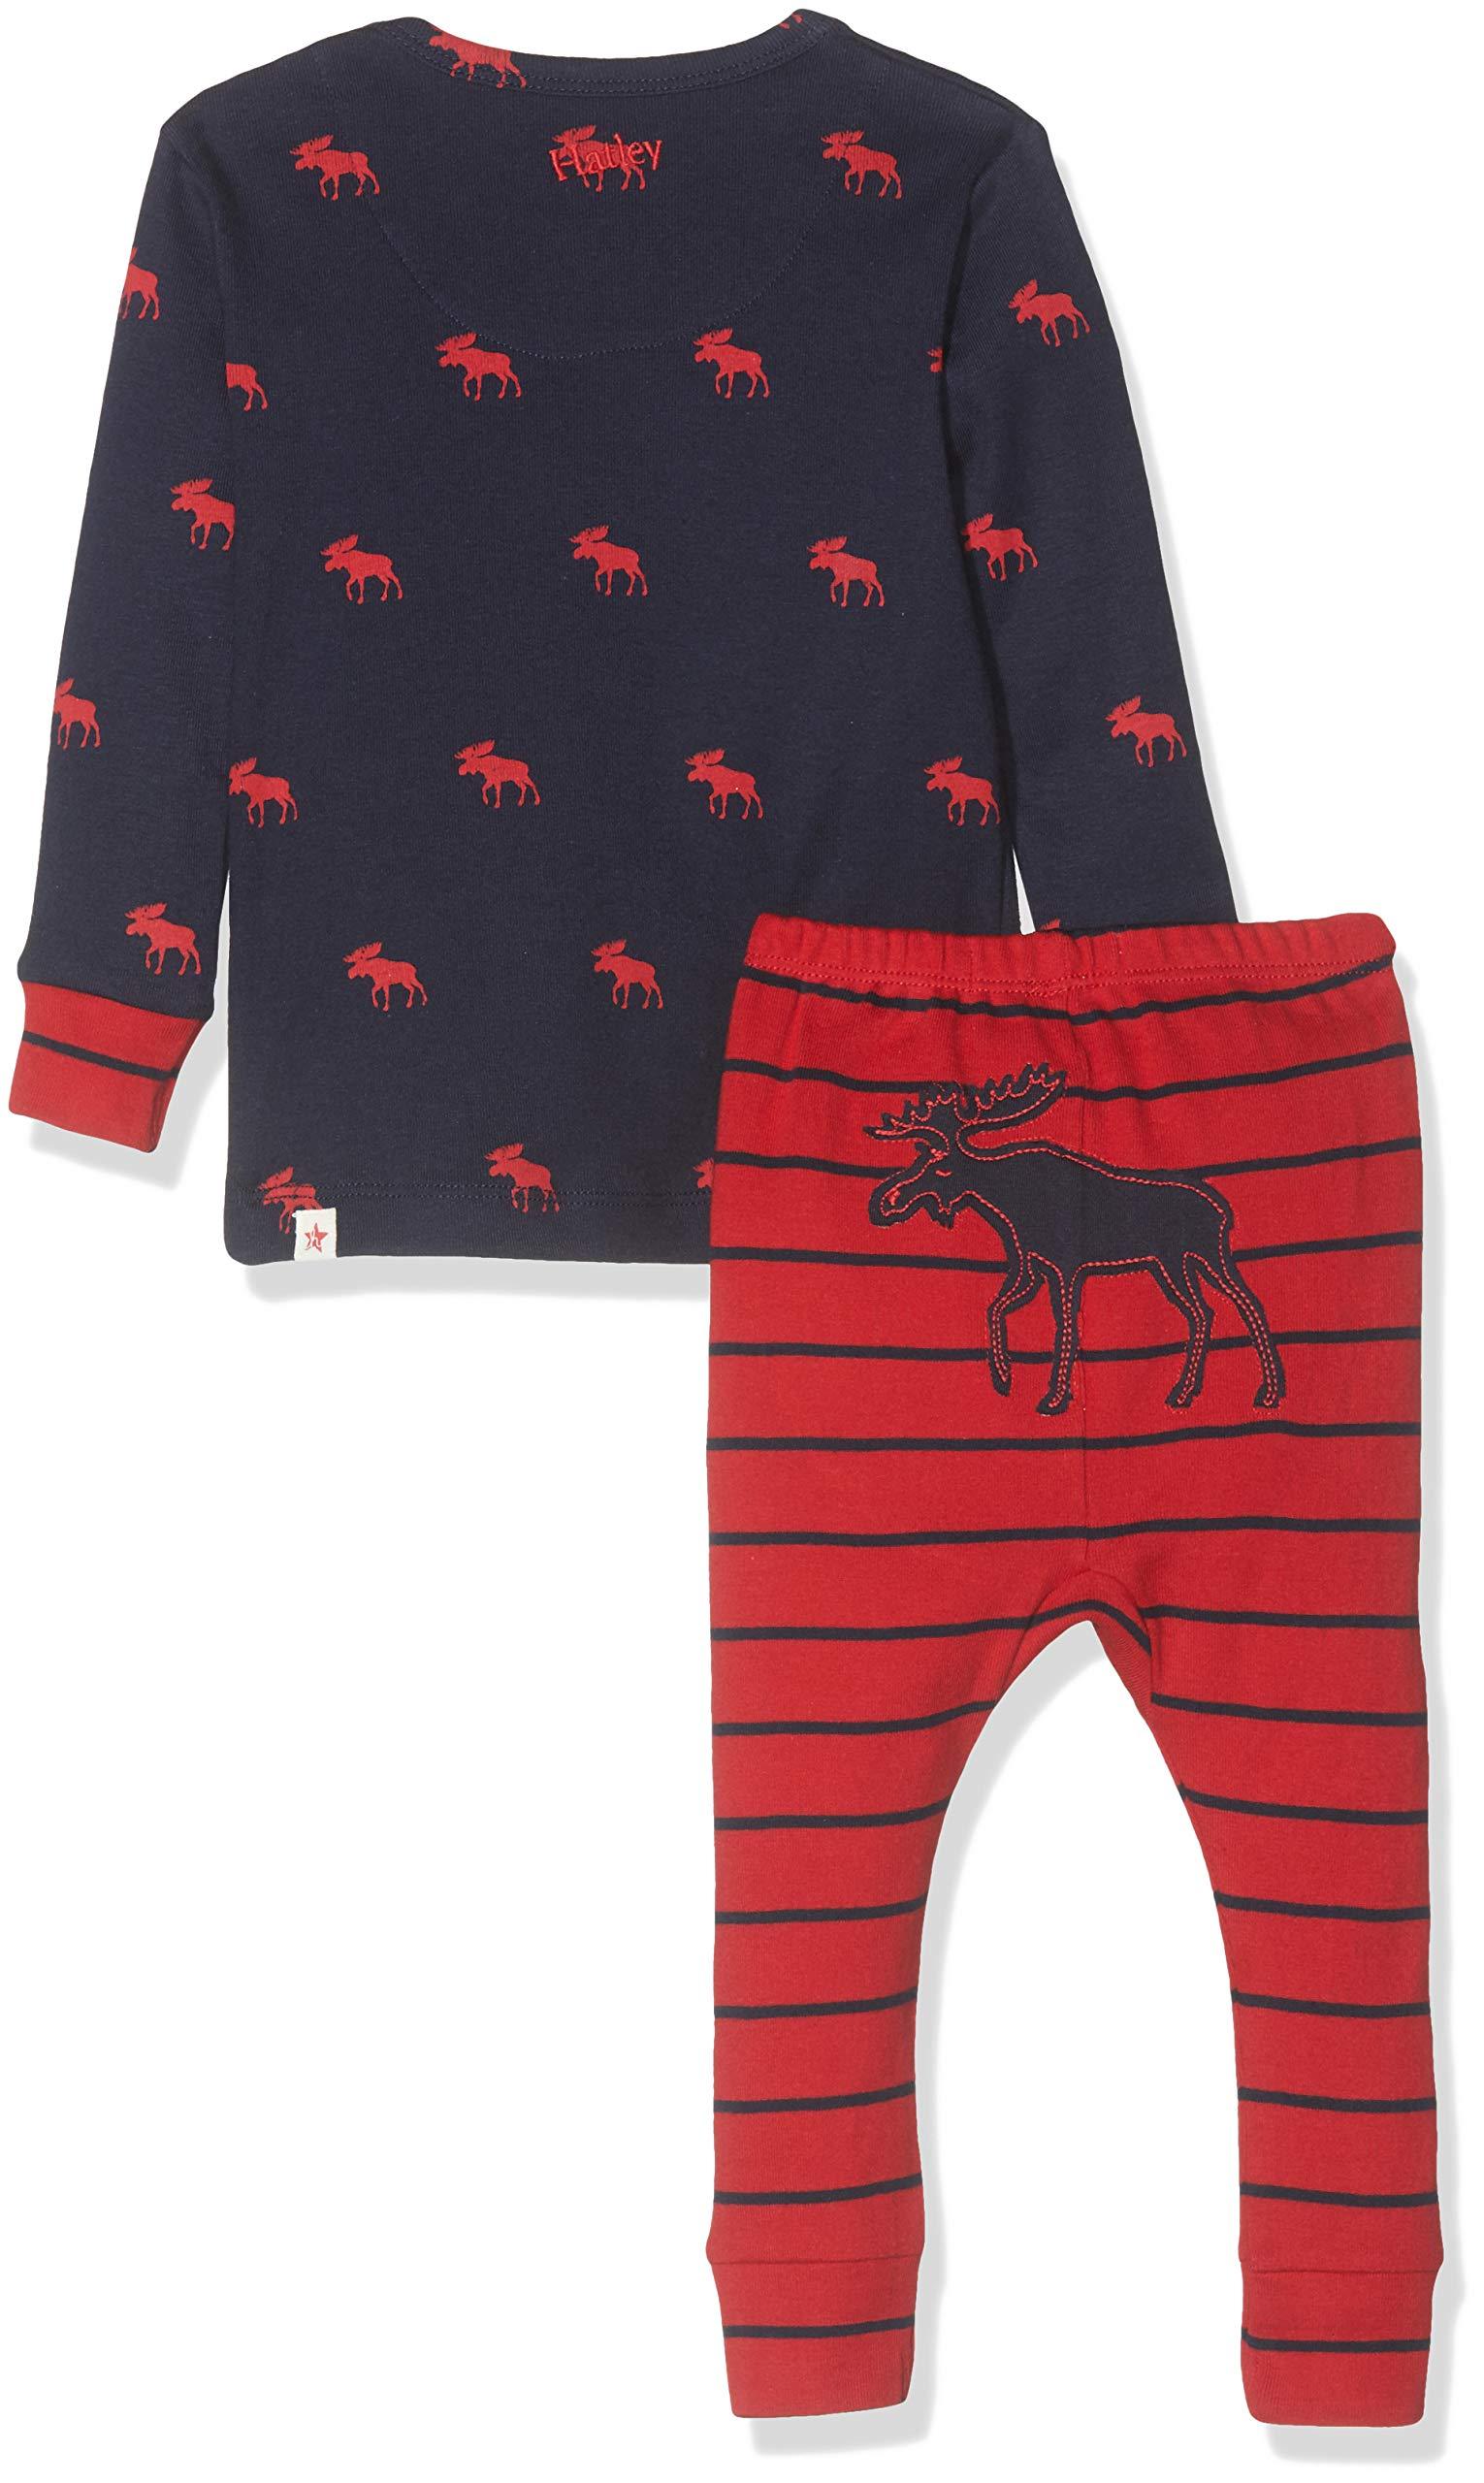 Hatley Mini Organic Cotton Long Sleeve Pyjama Sets Conjuntos de Pijama para Bebés 2